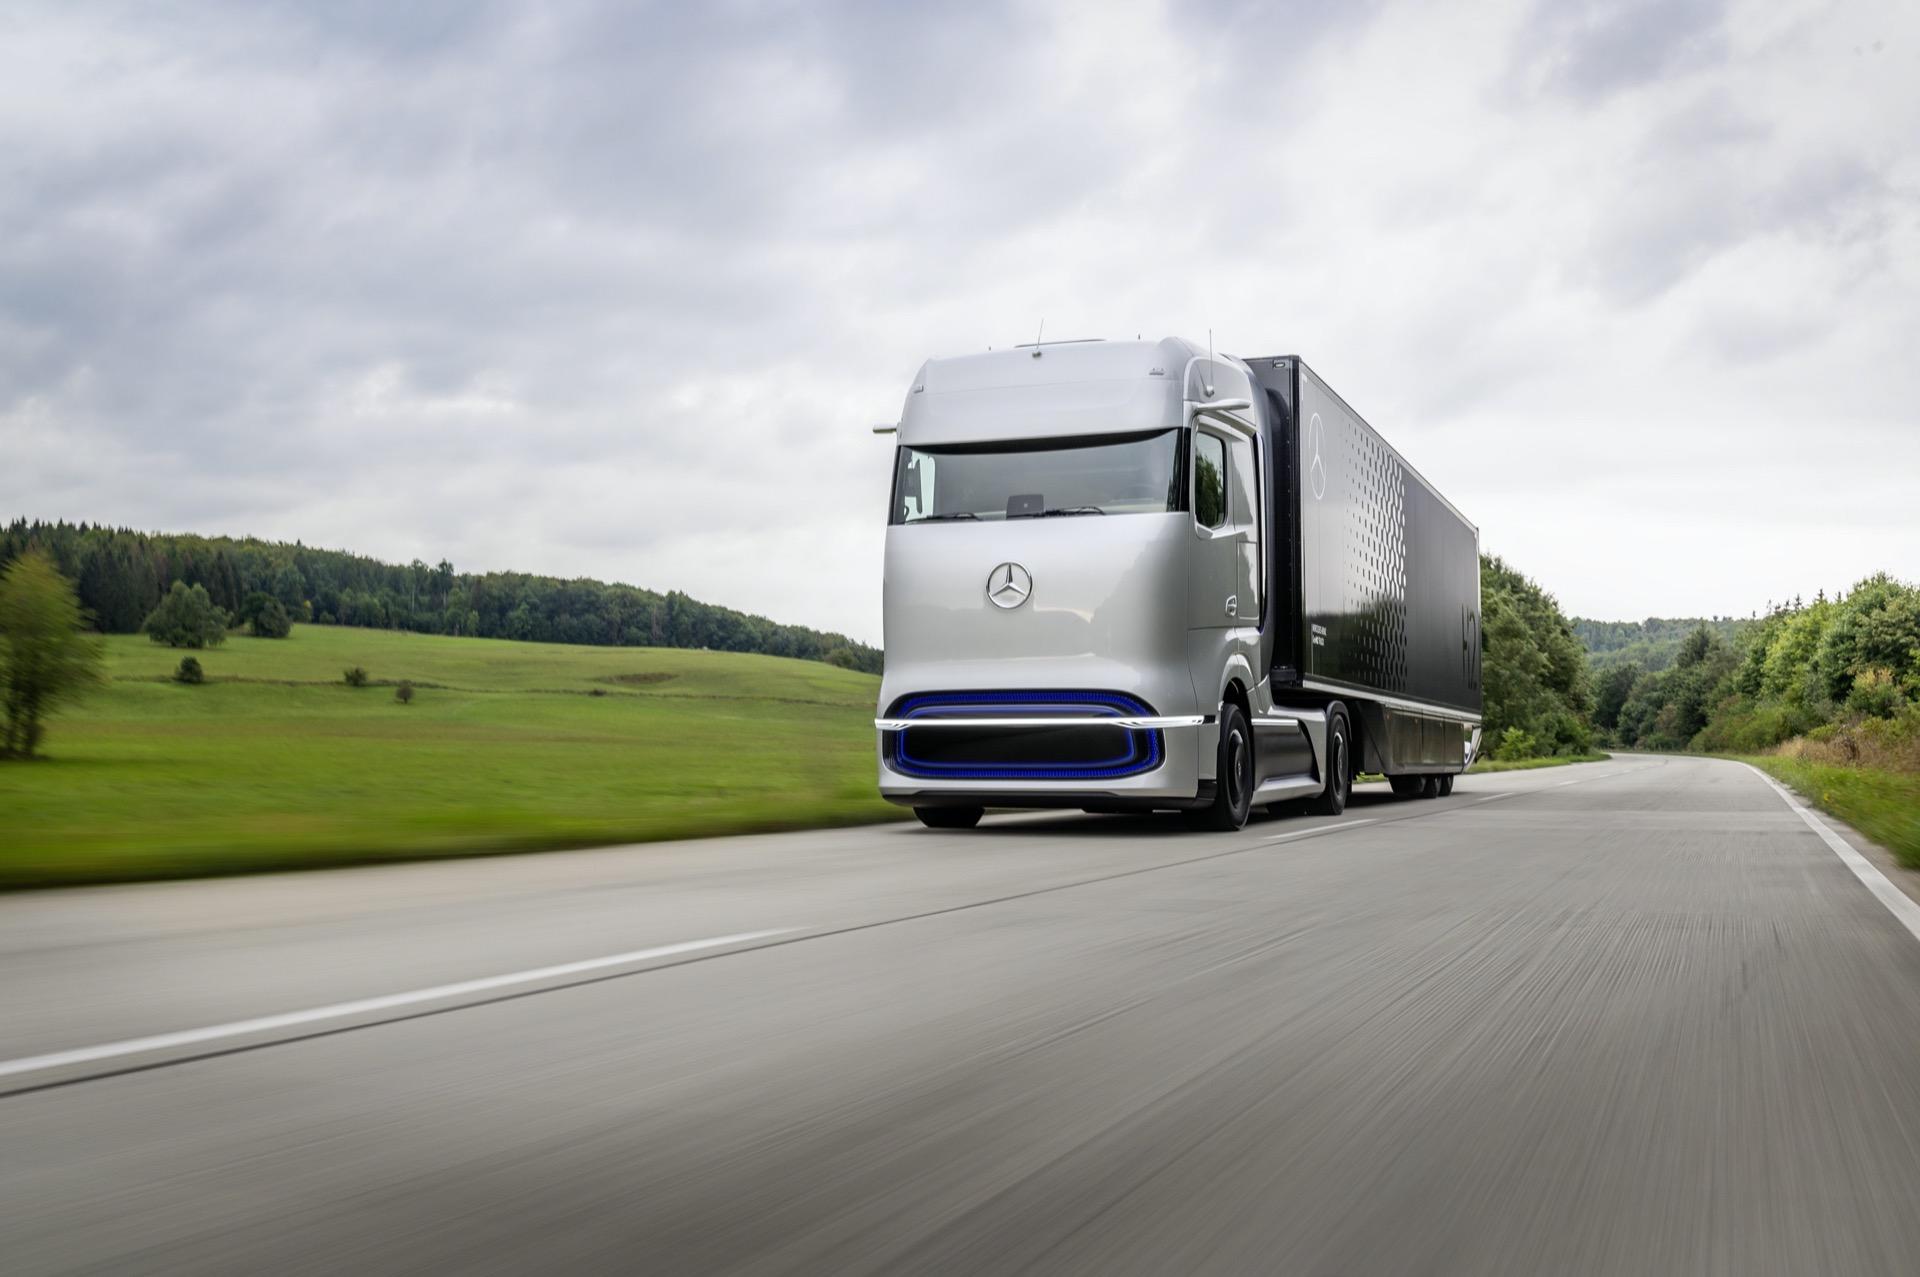 Einfaches Tanken An Der Tankstelle: Linde Und Daimler Truck Ag Kooperieren Bei Flüssigwasserstoff Betankungstechnologie Für Lkw Simple Refueling At Filling Stations: Linde And Daimler Truck Ag To Collaborate On Liquid Hydrogen Refueling Technology For T